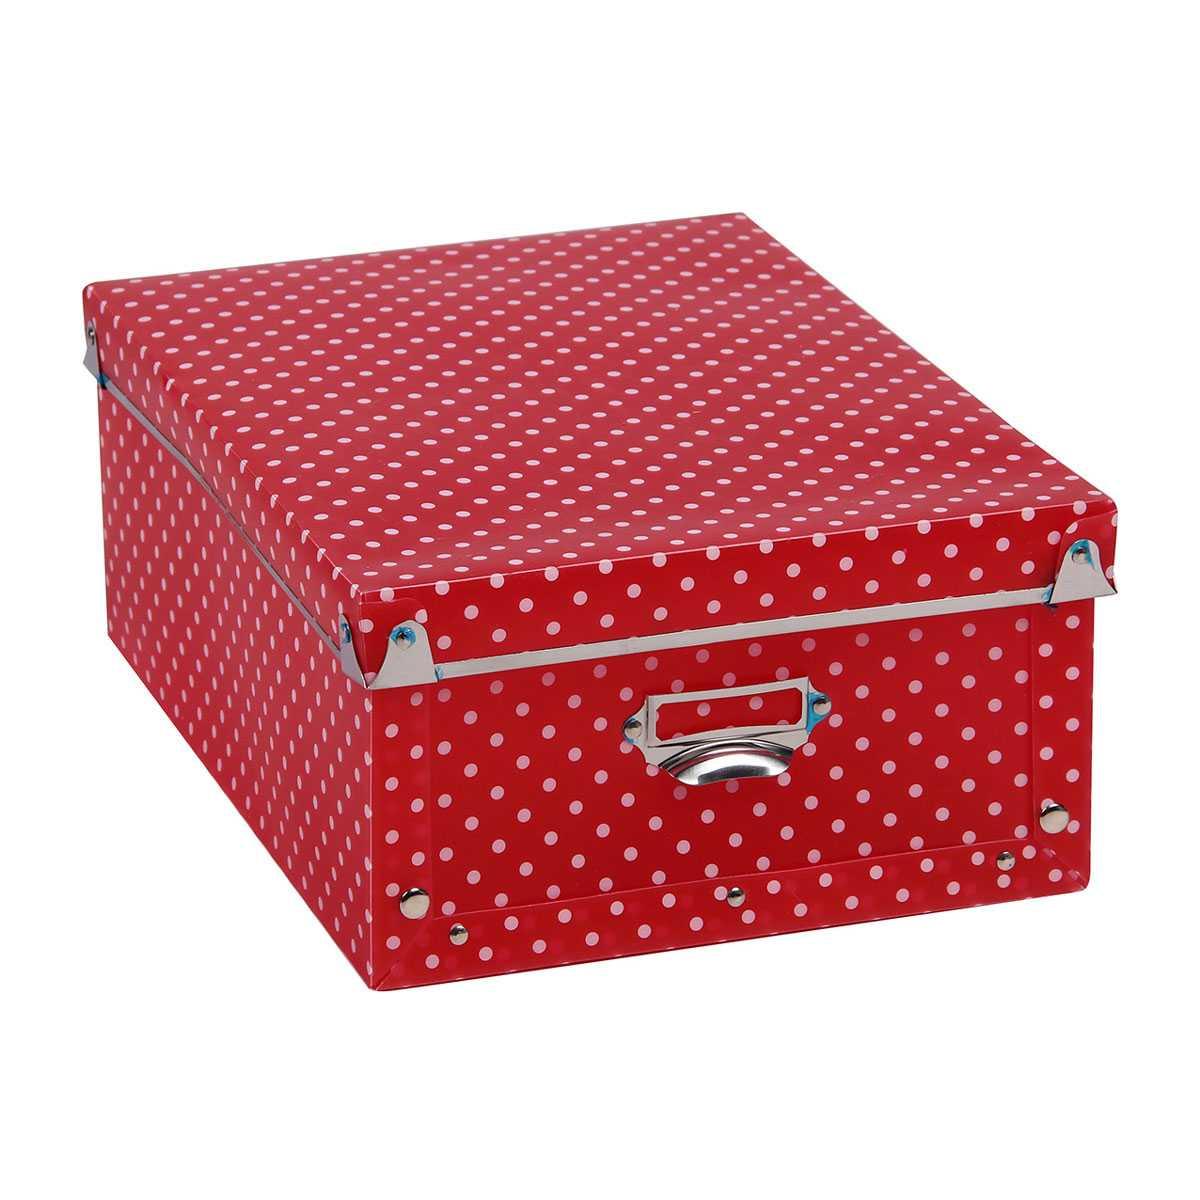 Коробка для хранения Miolla складная, красный короб для xранения обуви miolla 52 x 30 x 11 см